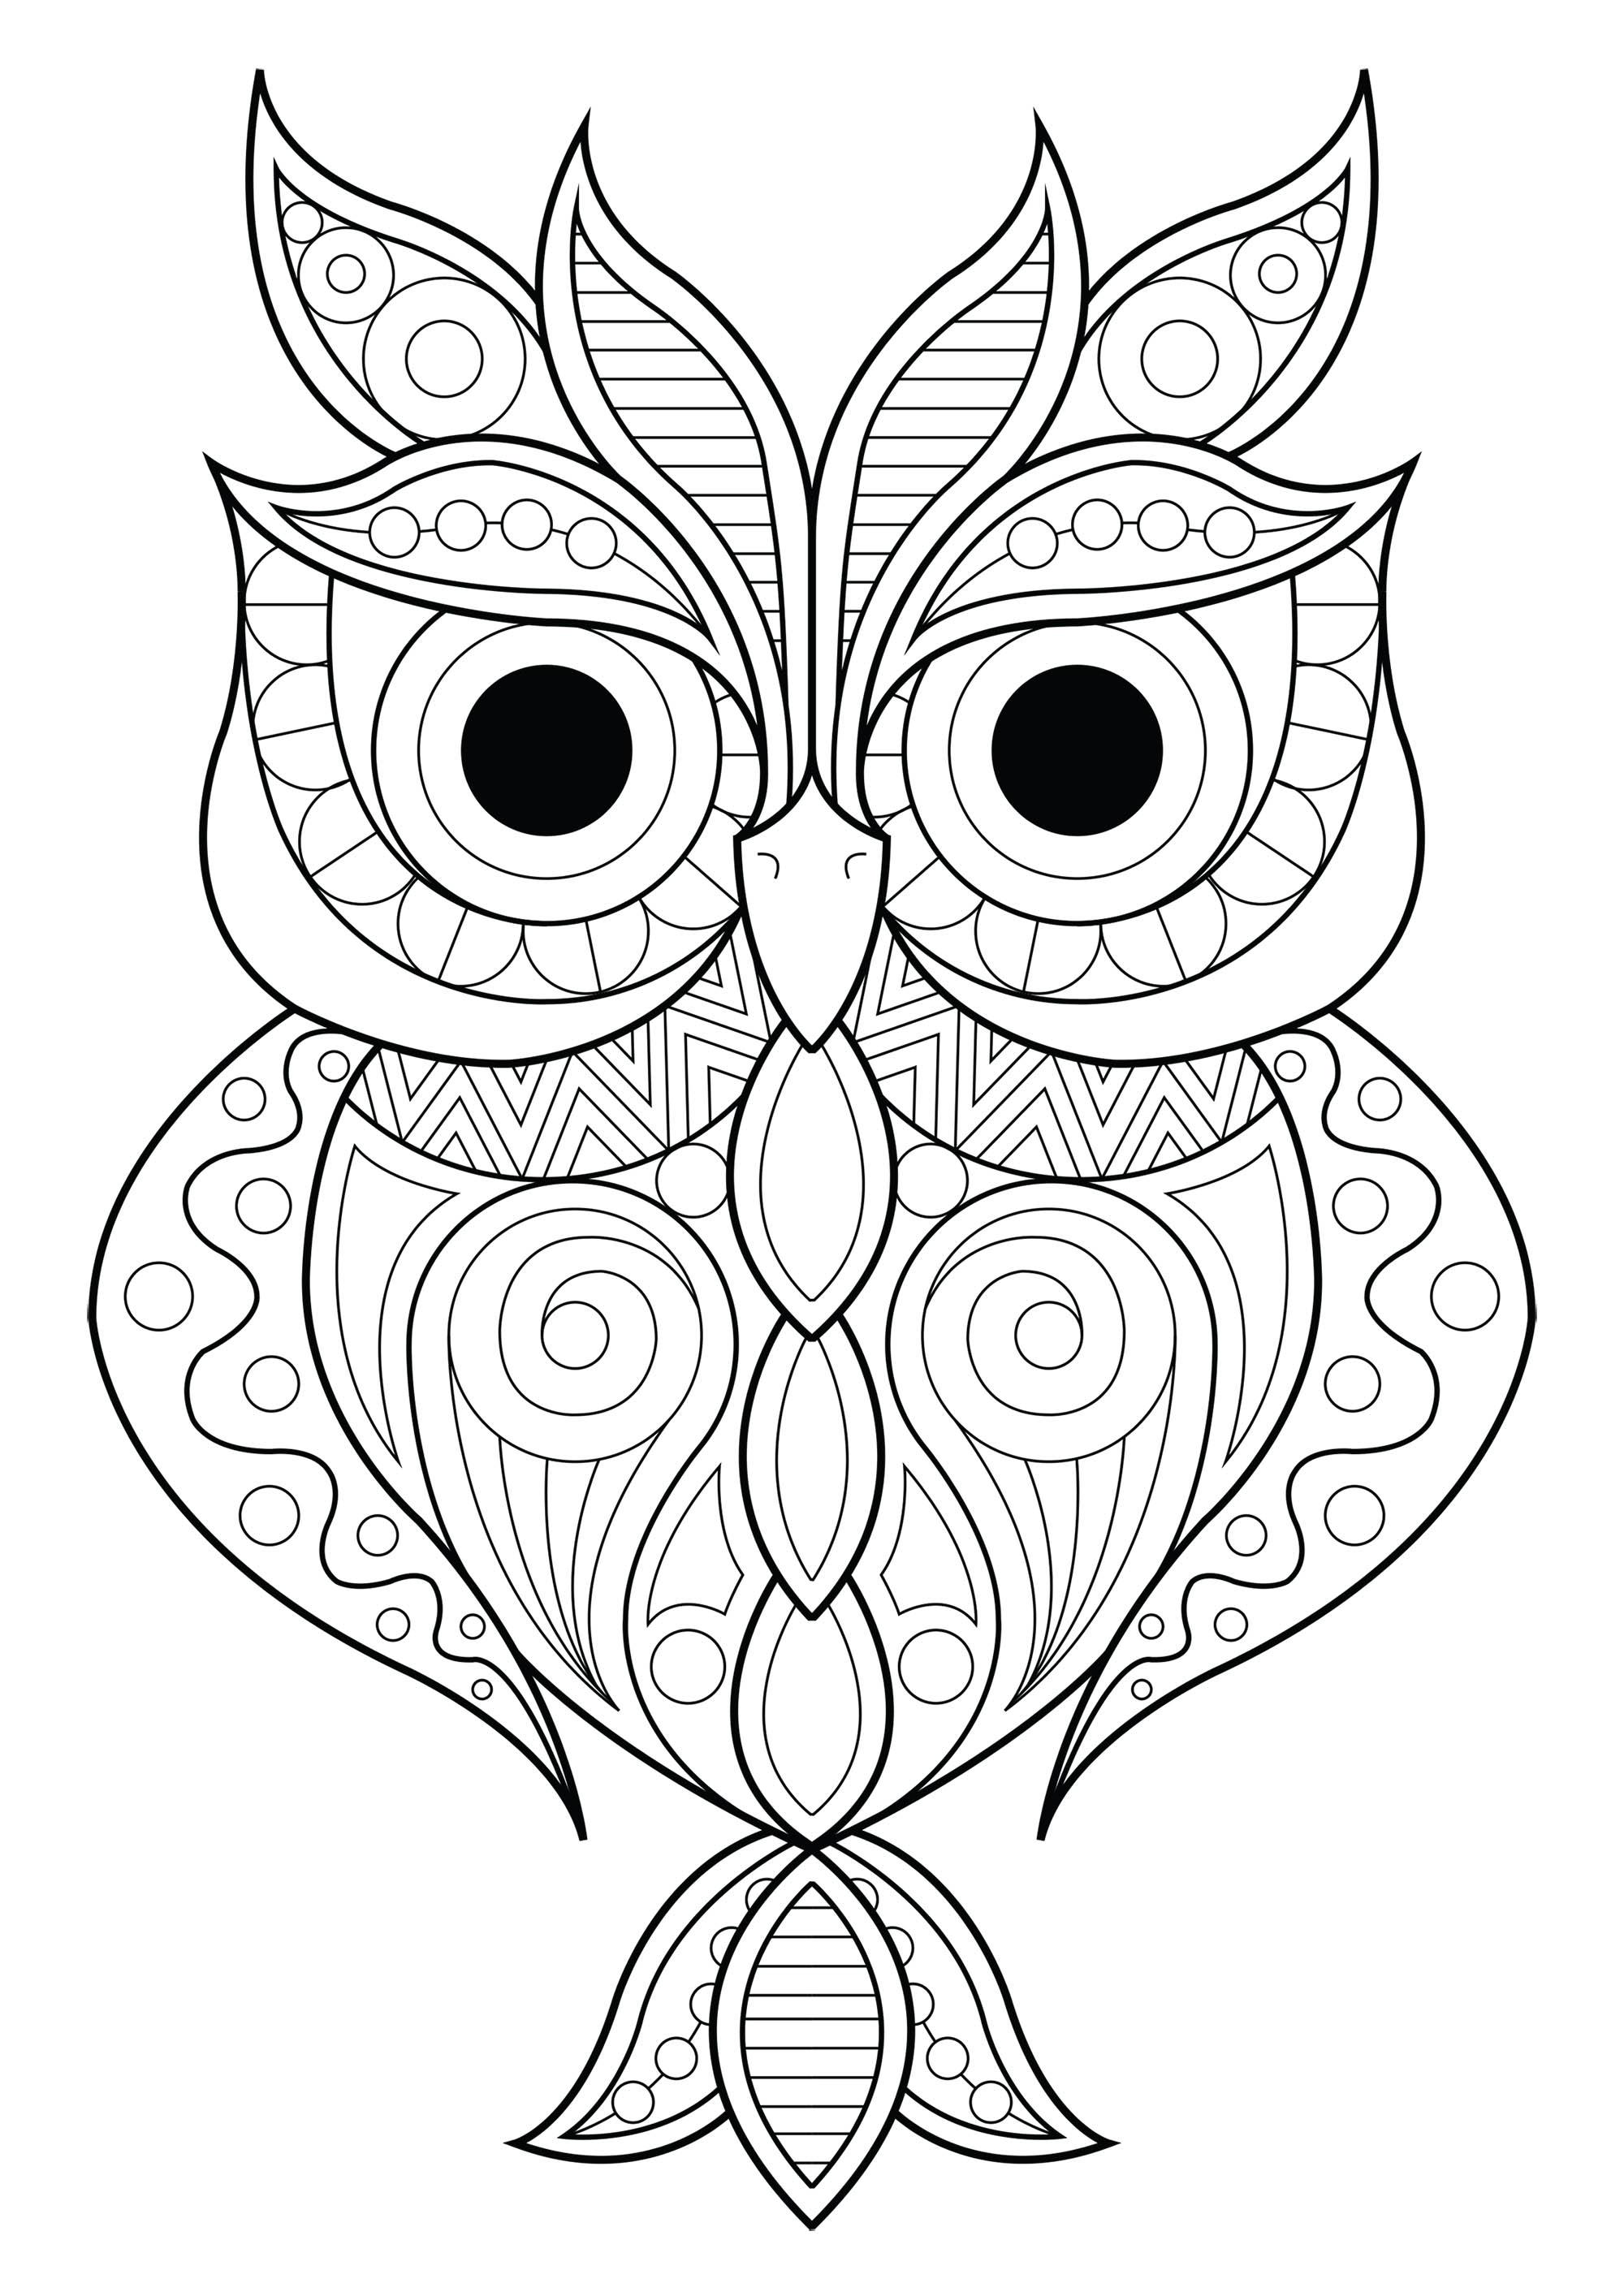 Hibou aux motifs simples 2 Hiboux Coloriages